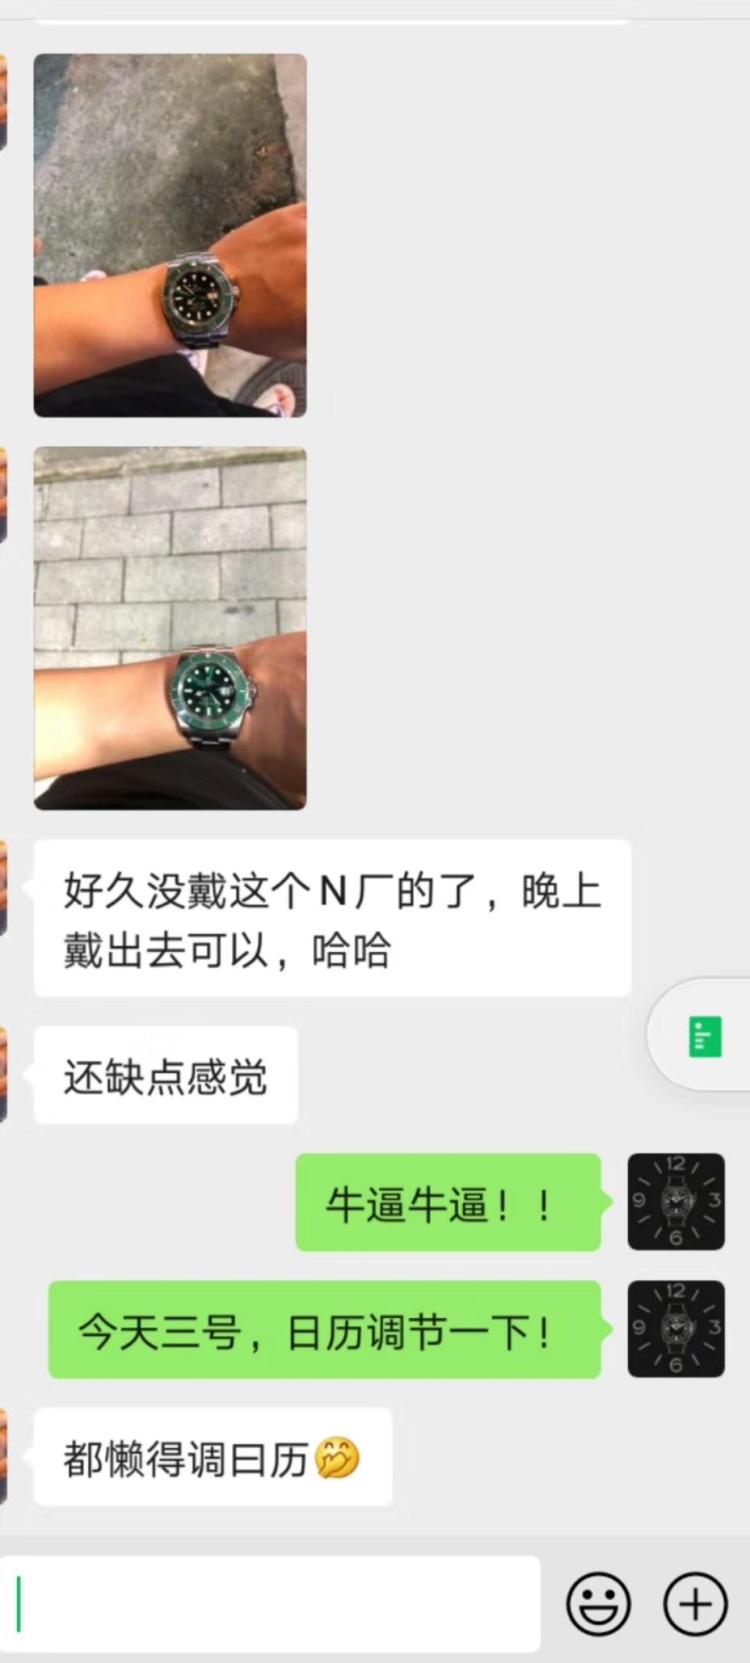 绿水鬼n厂v10手表多少钱